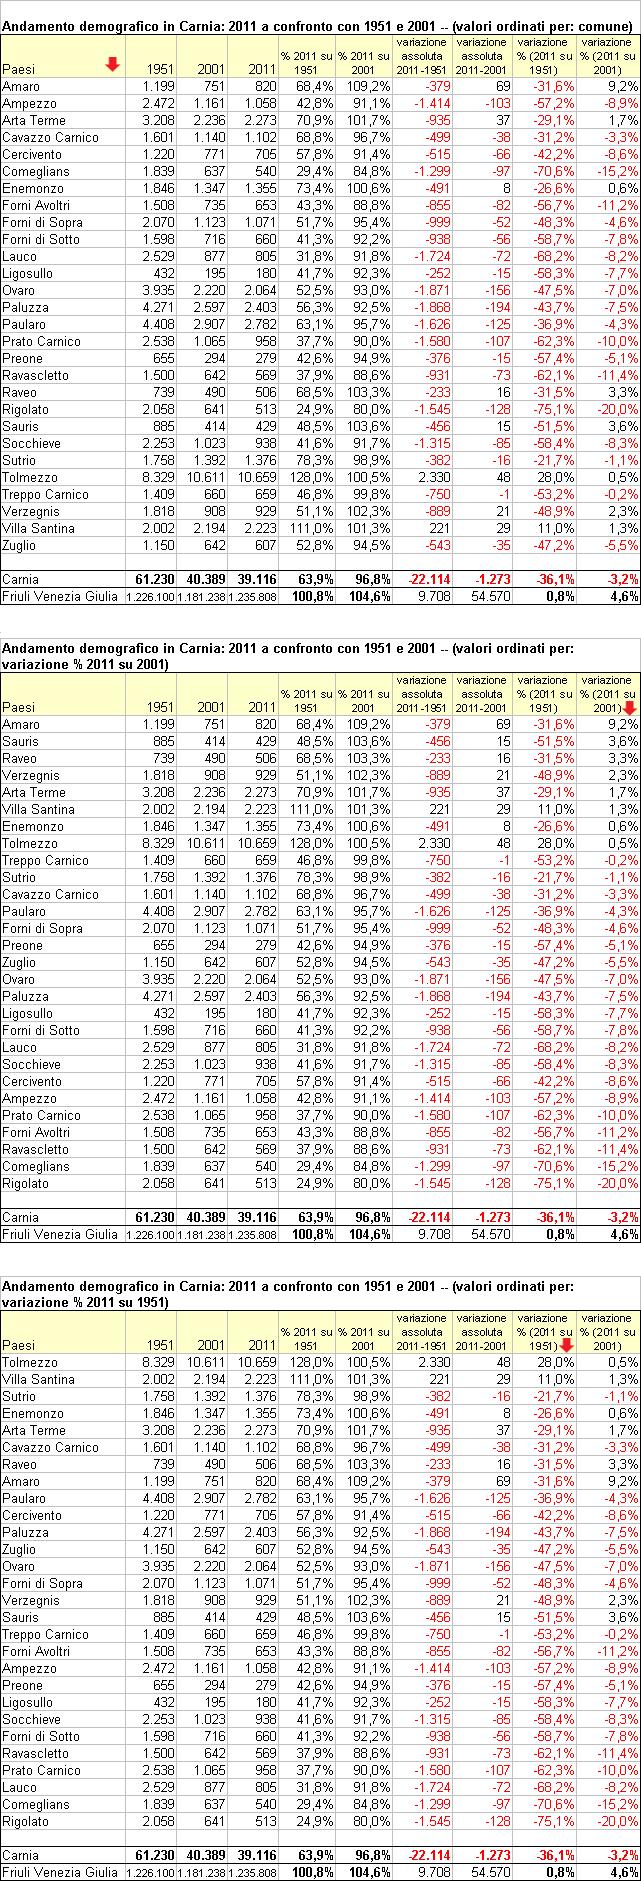 Andamento demografico in Carnia: 2011 a confronto con 1951 e 2001